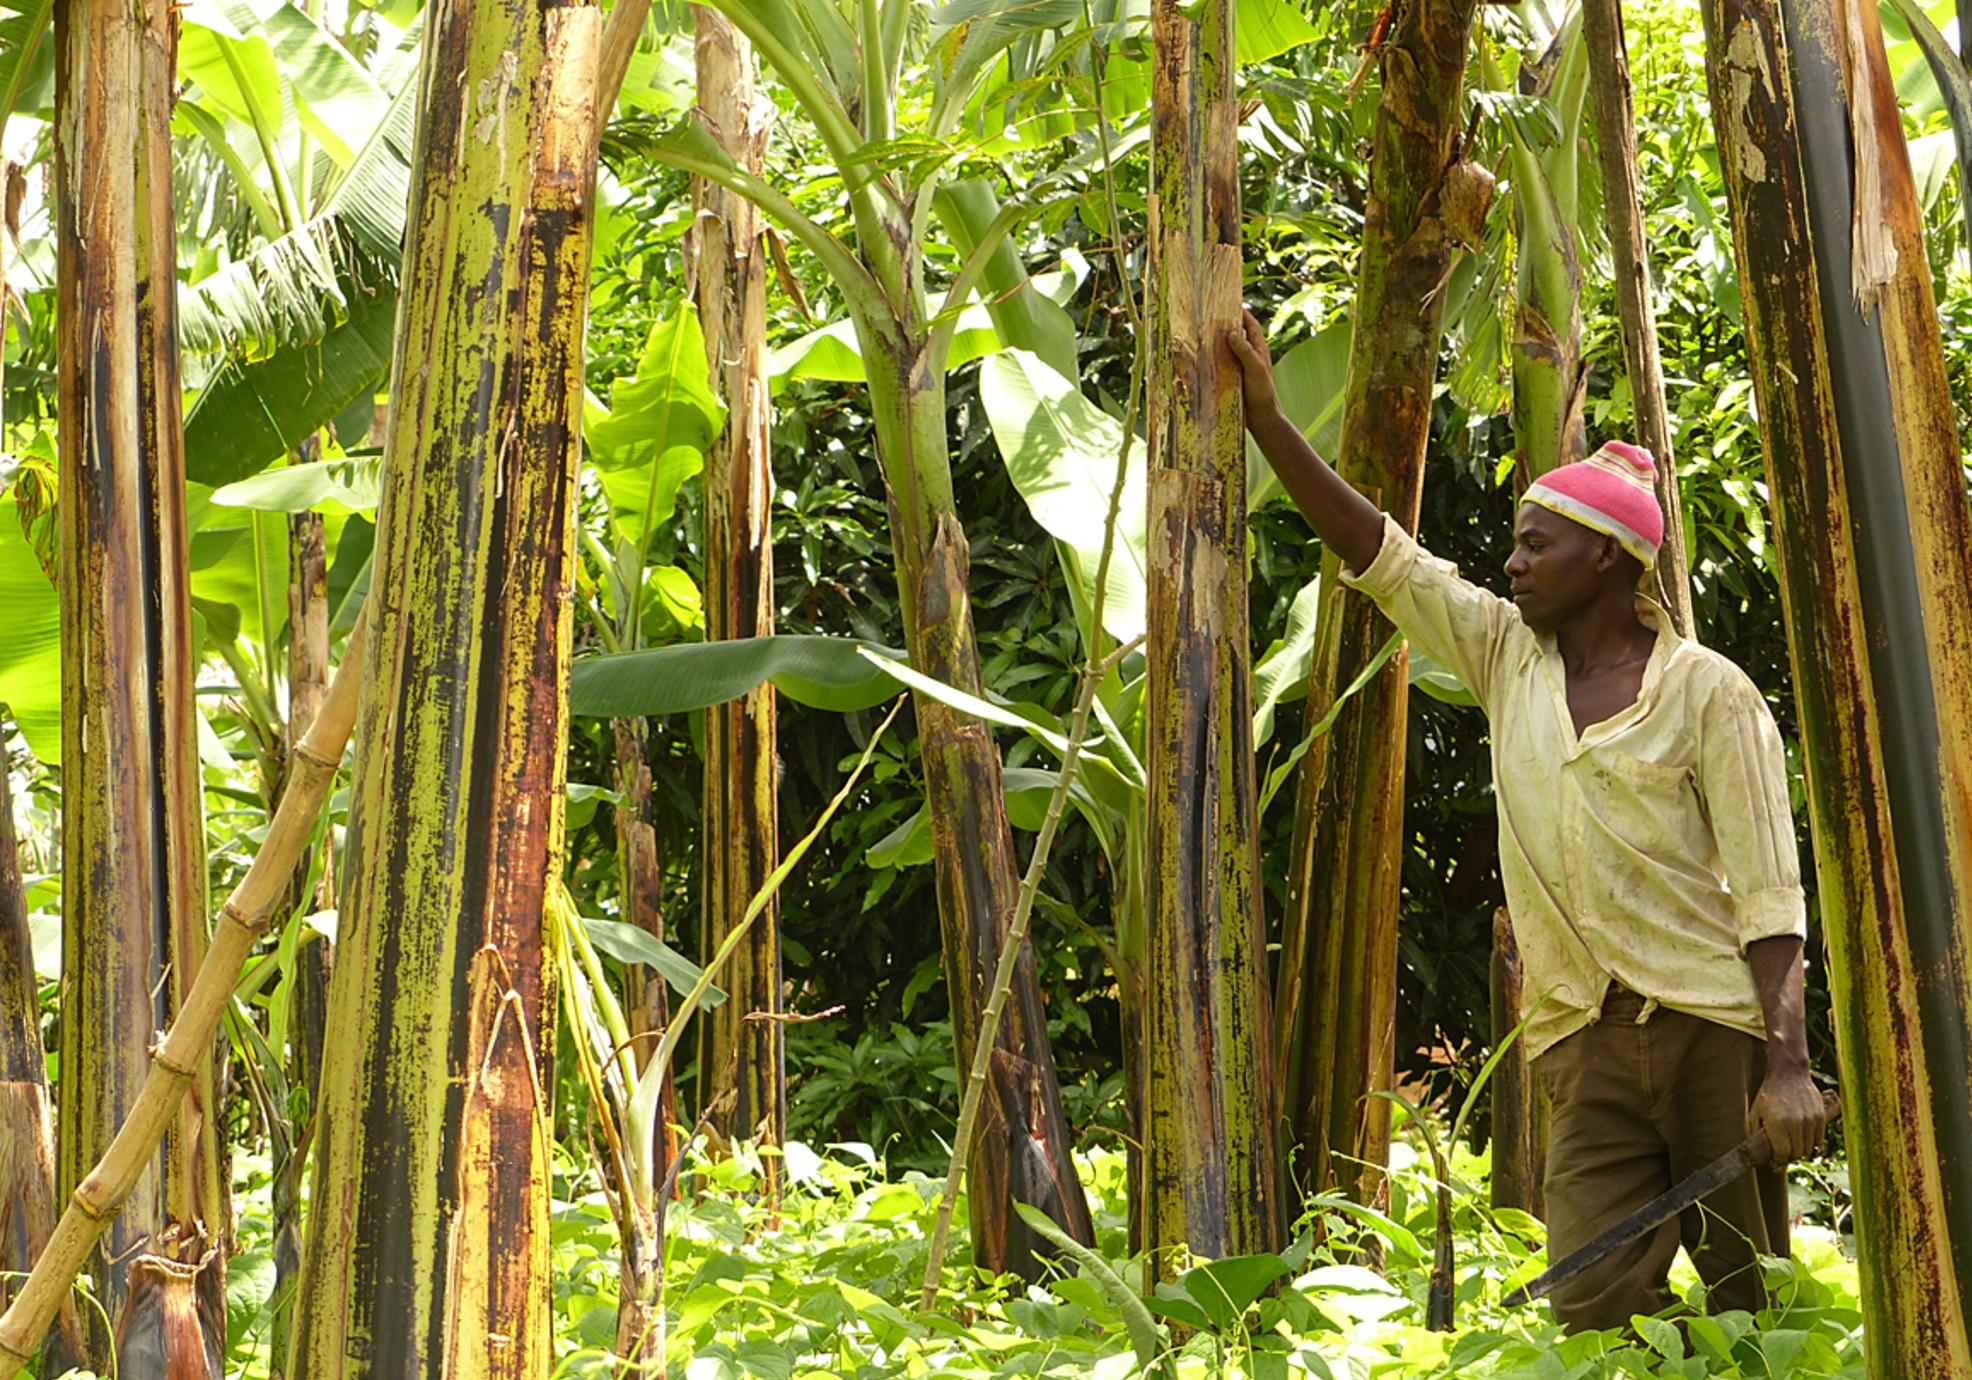 Banana intercropping